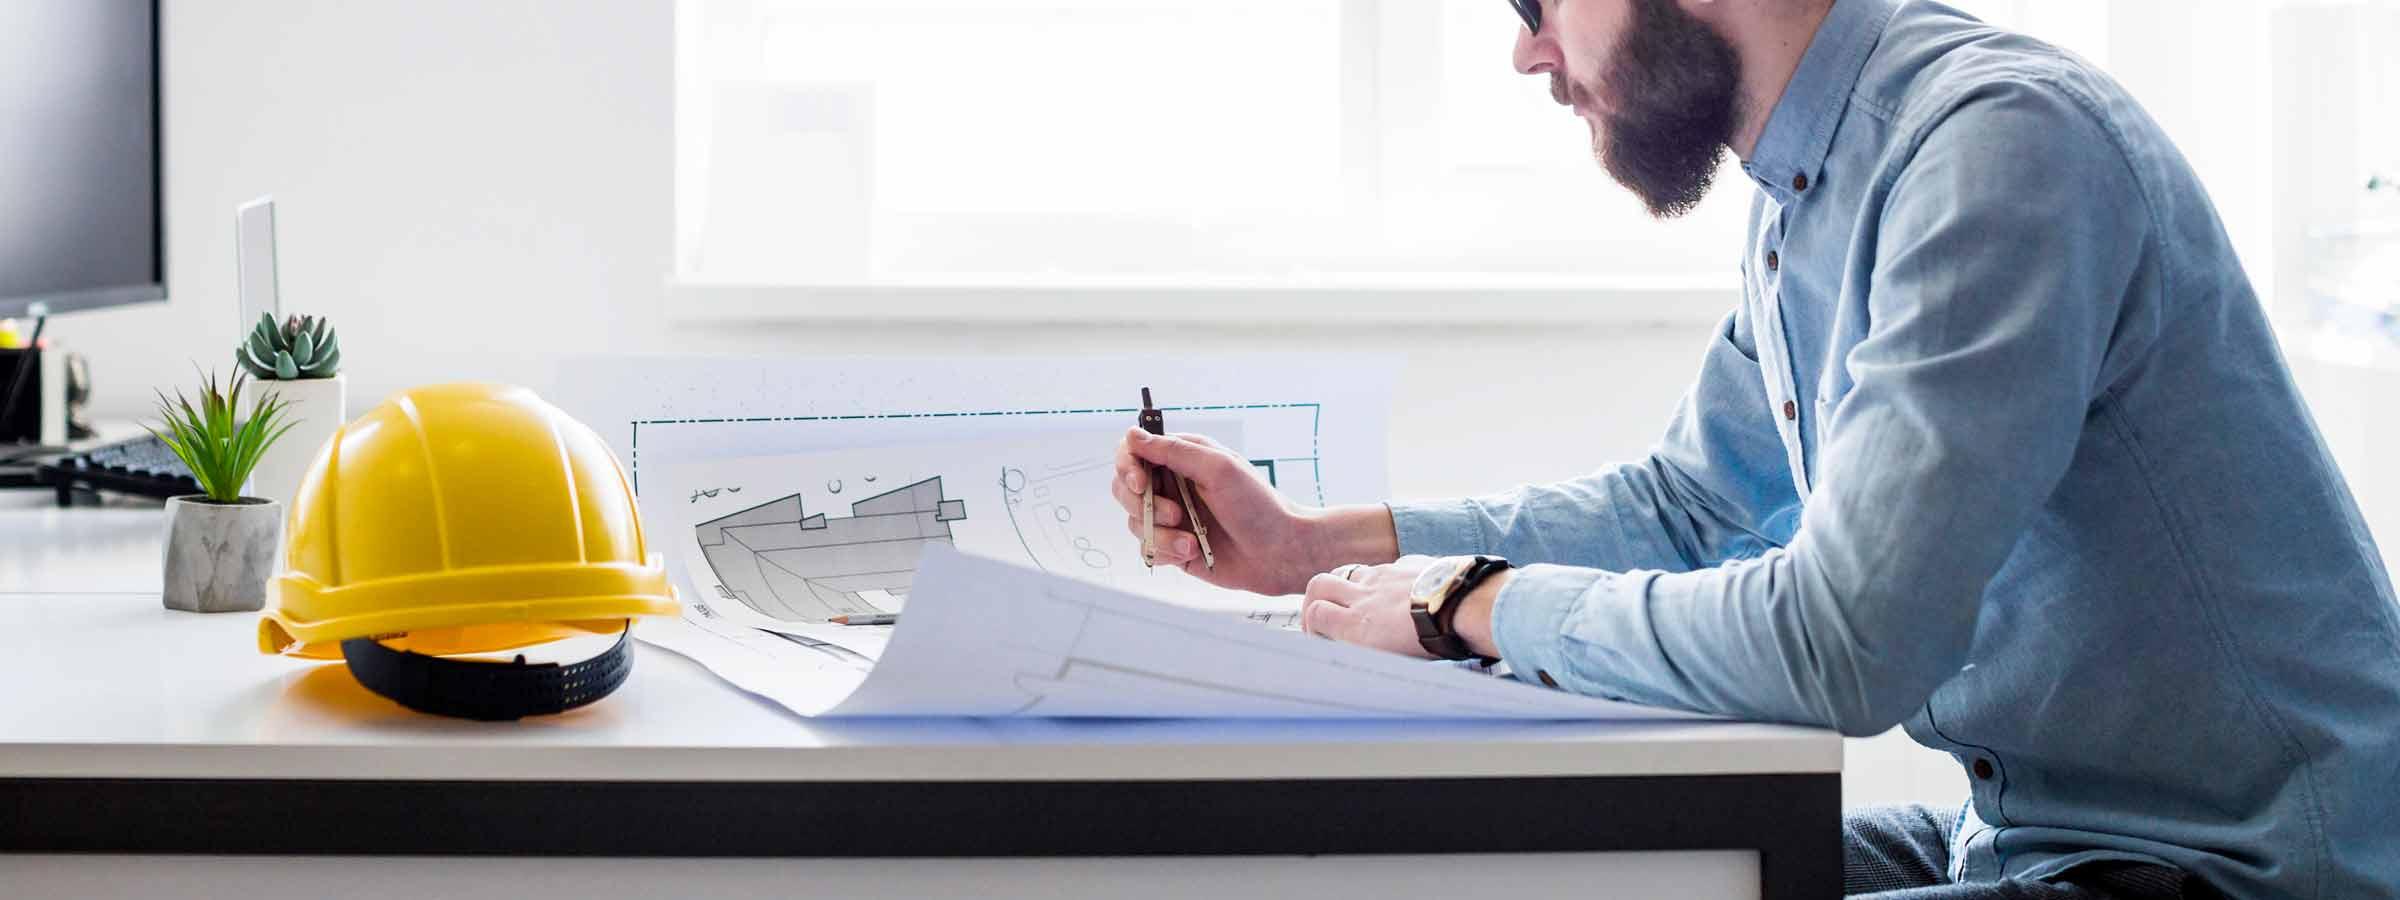 Architetto all'opera metre prepara i documenti per la CILA